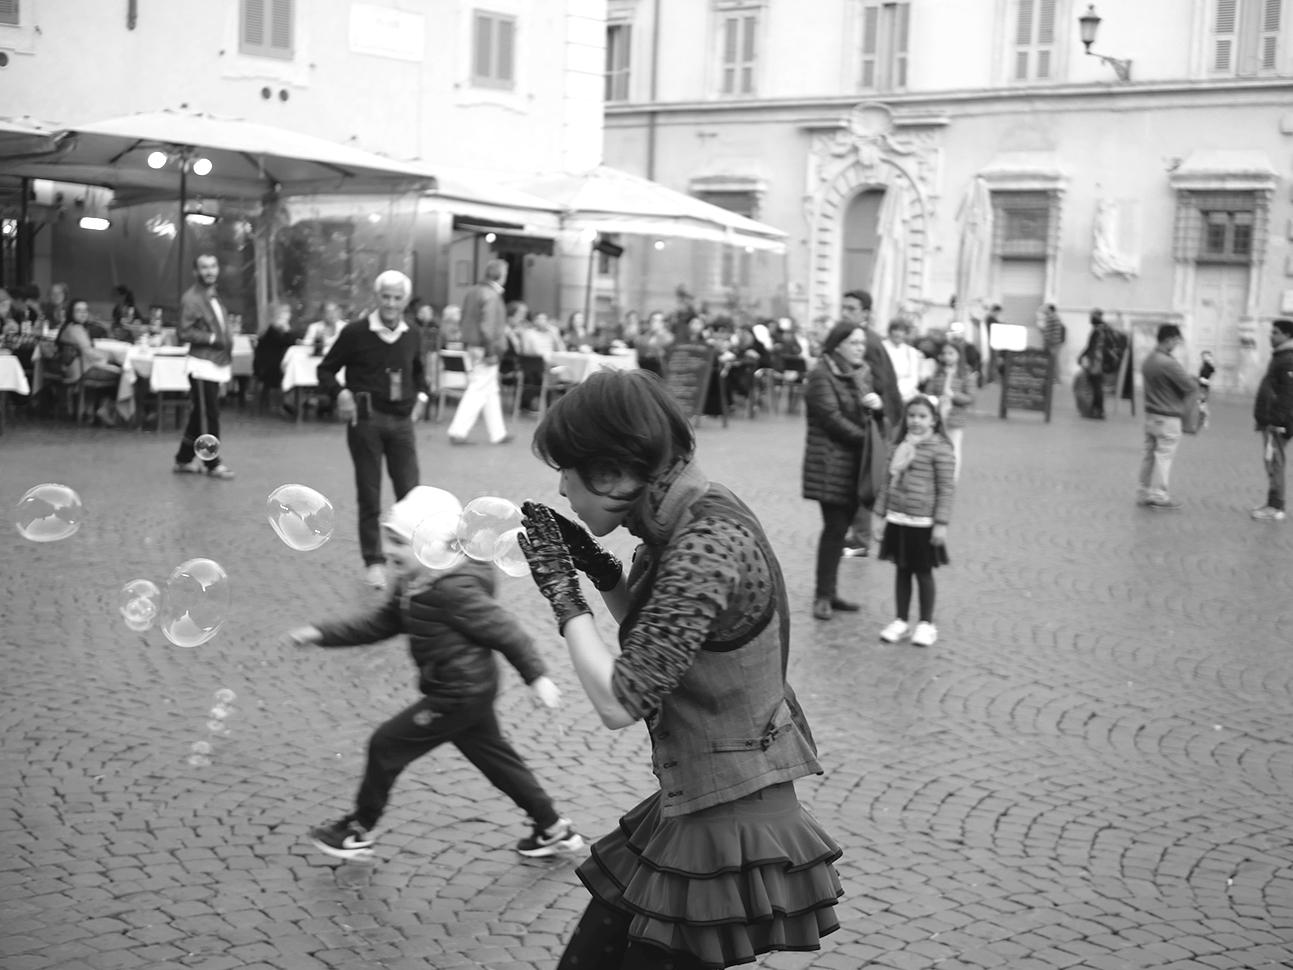 Street performers Trastevere I